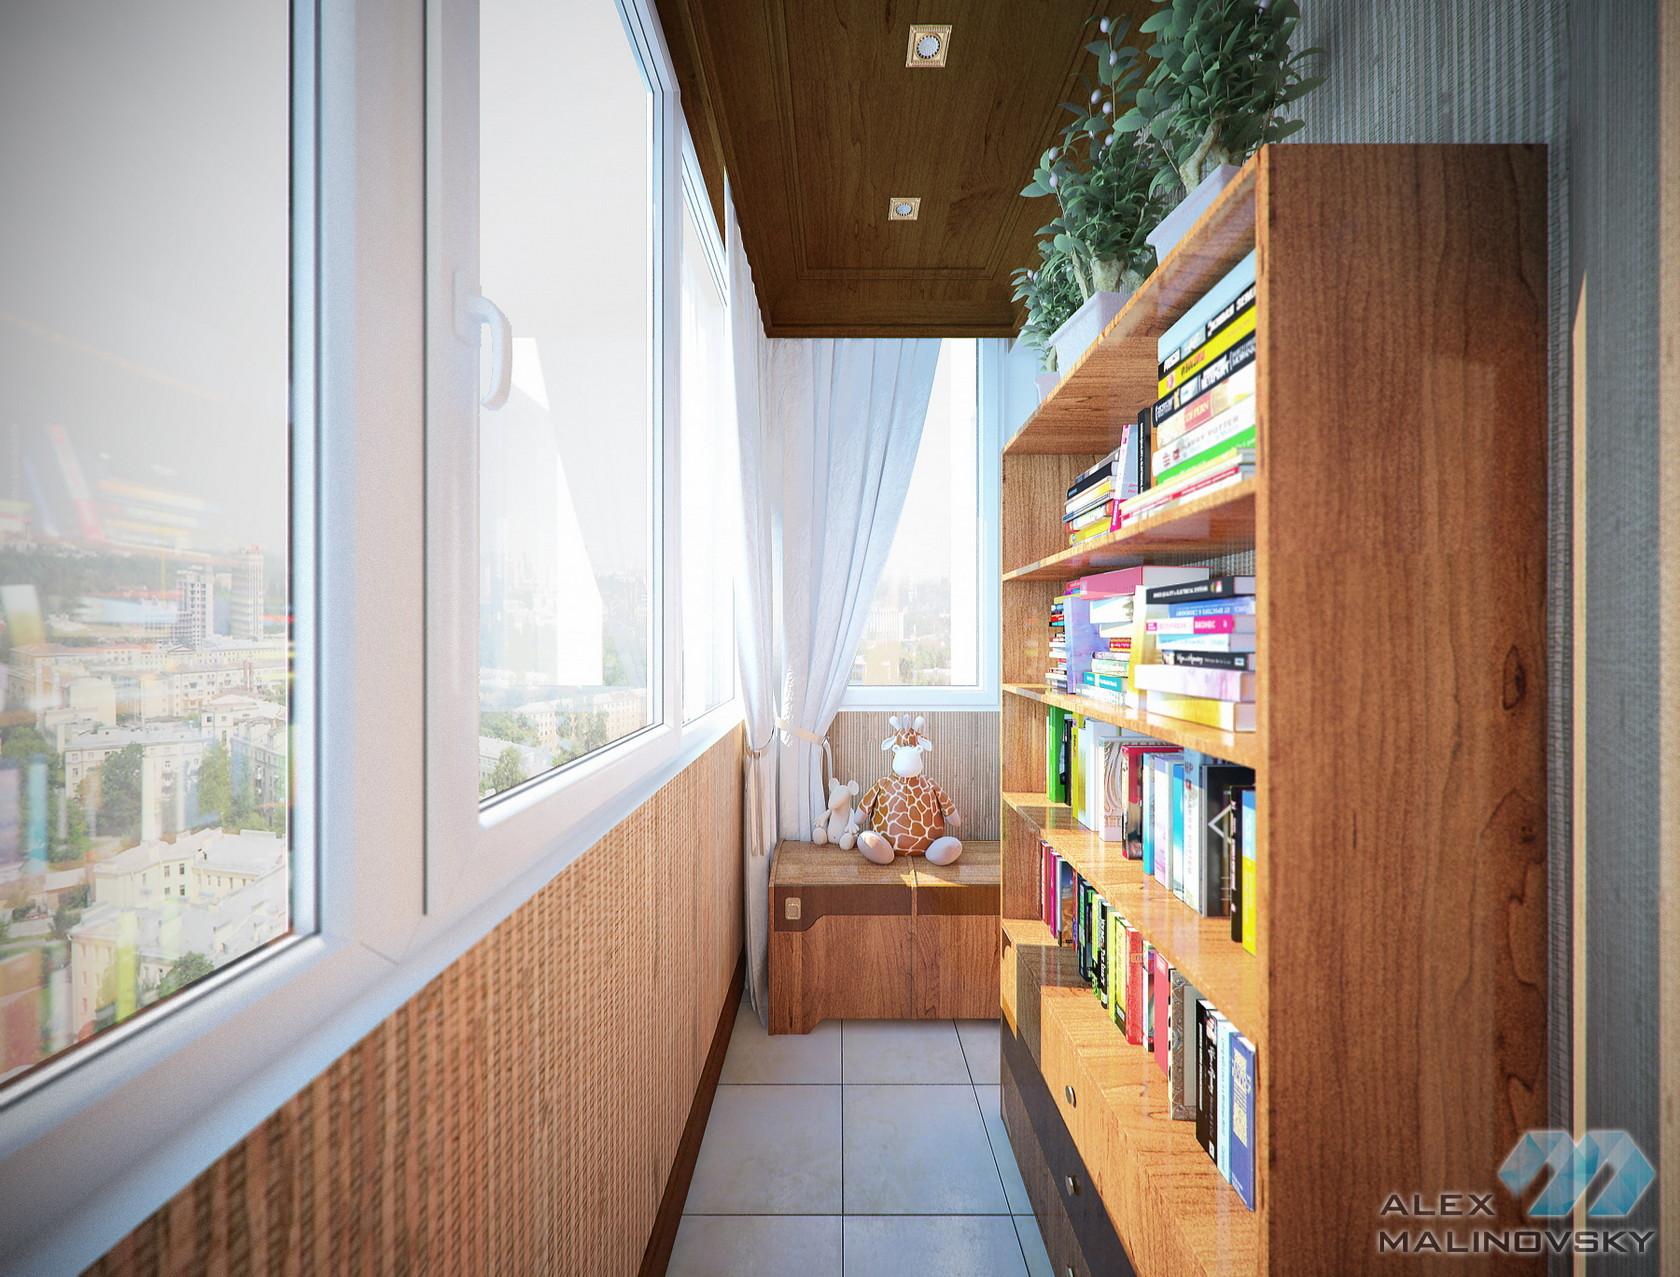 Балкон 2, 3х комнатная квартира, ЖК Доминанта, СПб